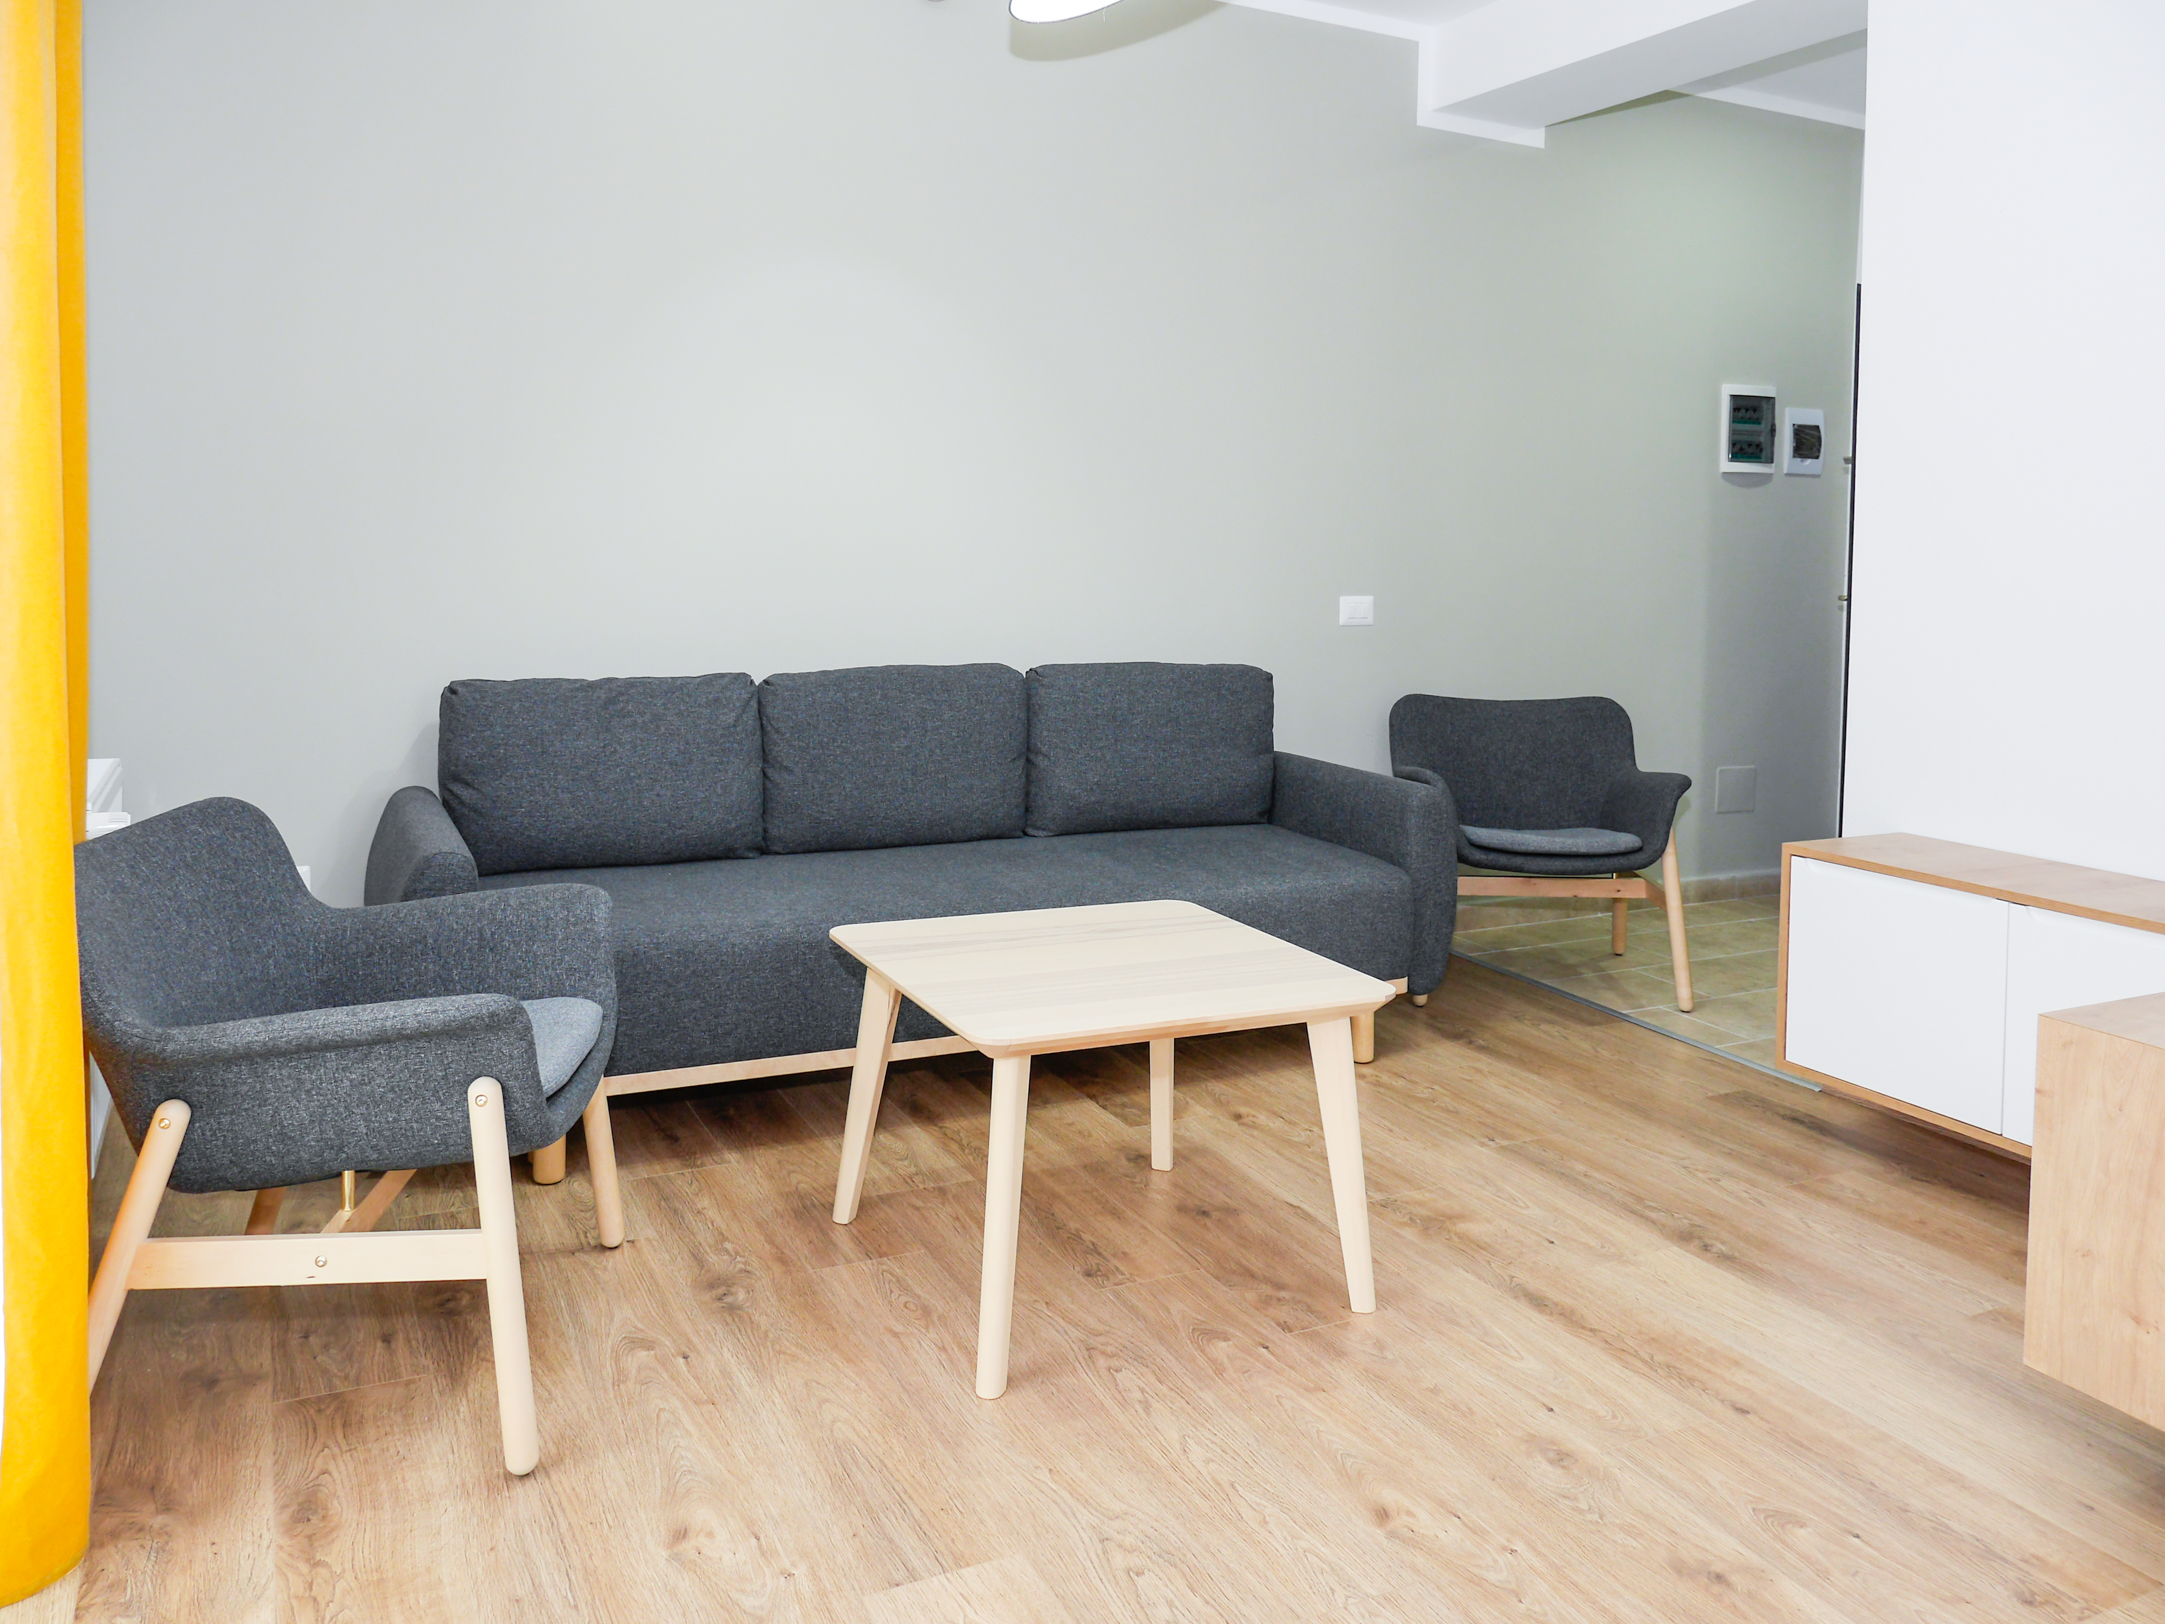 Clement Apartments - apartamente de inchiriat in regim hotelier - cazare neamt - cazare piatra neamt - apartament 6 (4)